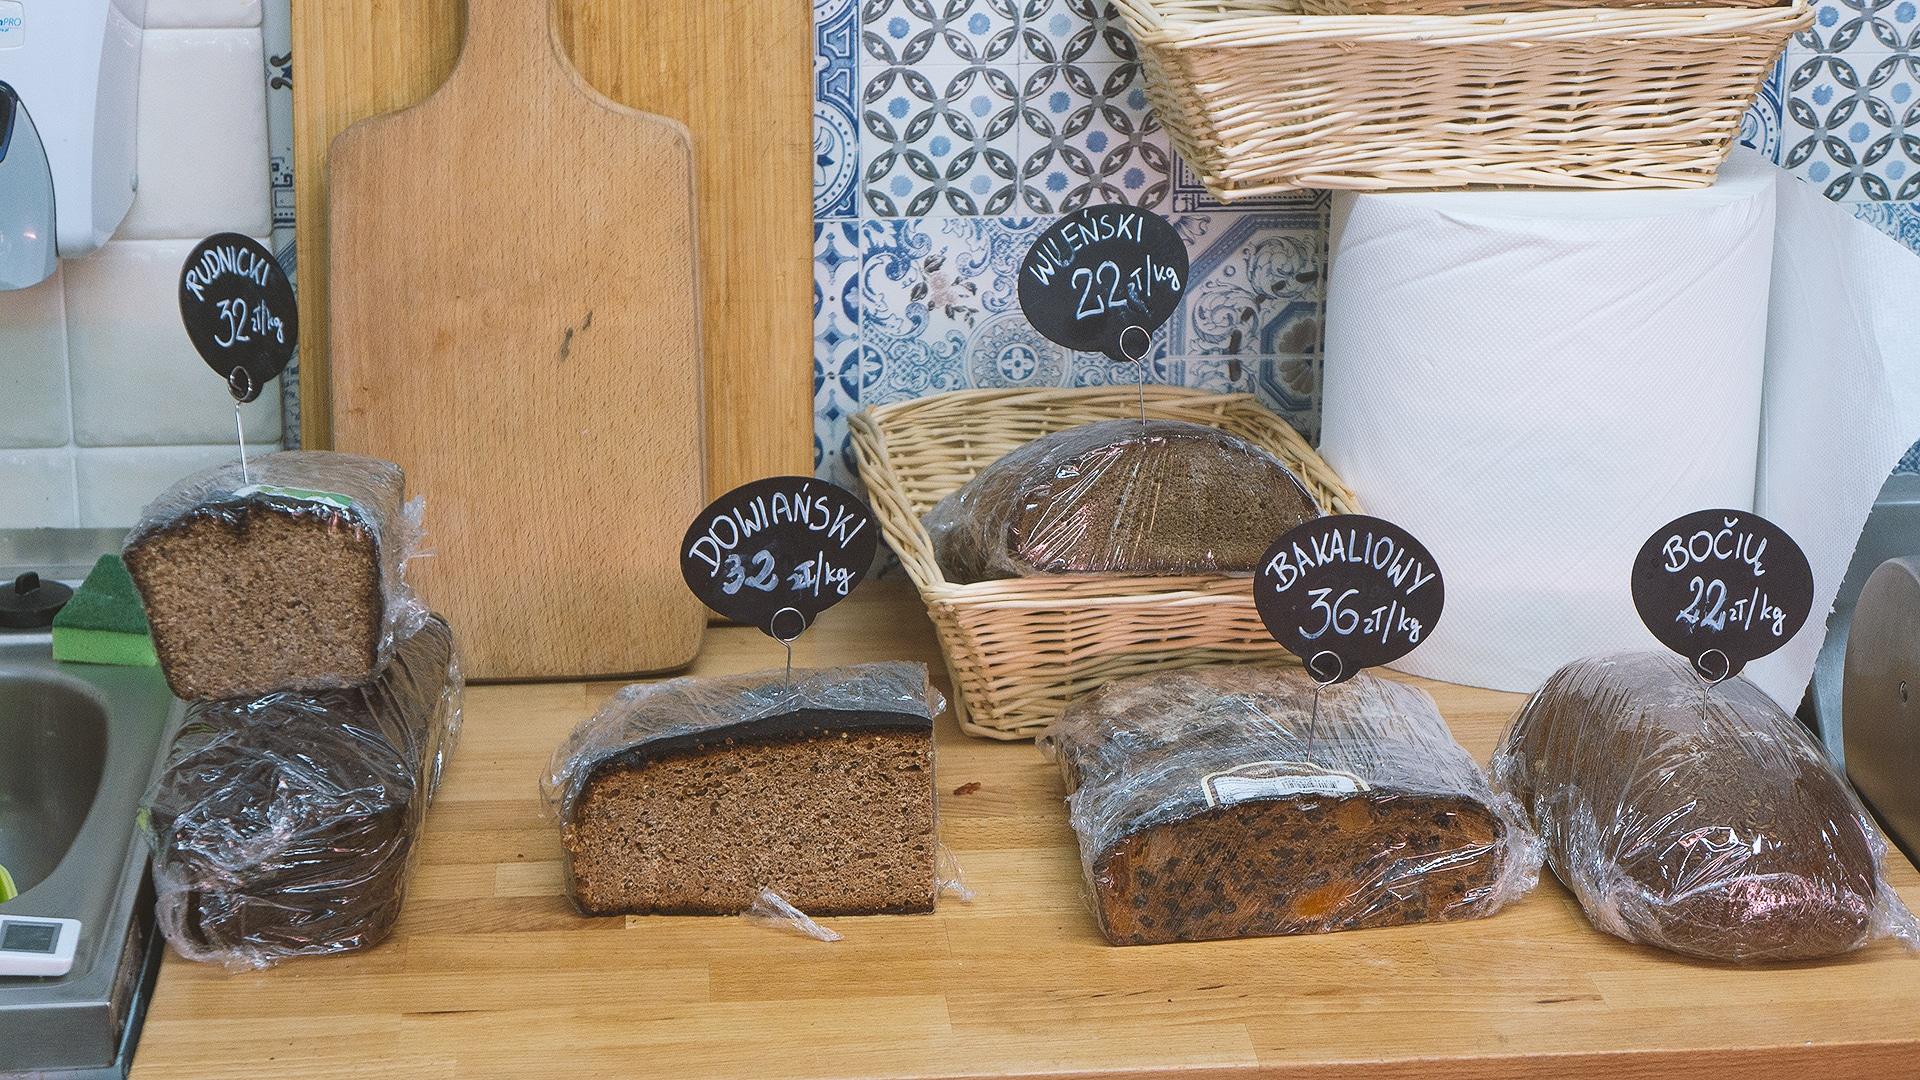 Na półkach znajdziemy też prawdziwy chleb litewski.